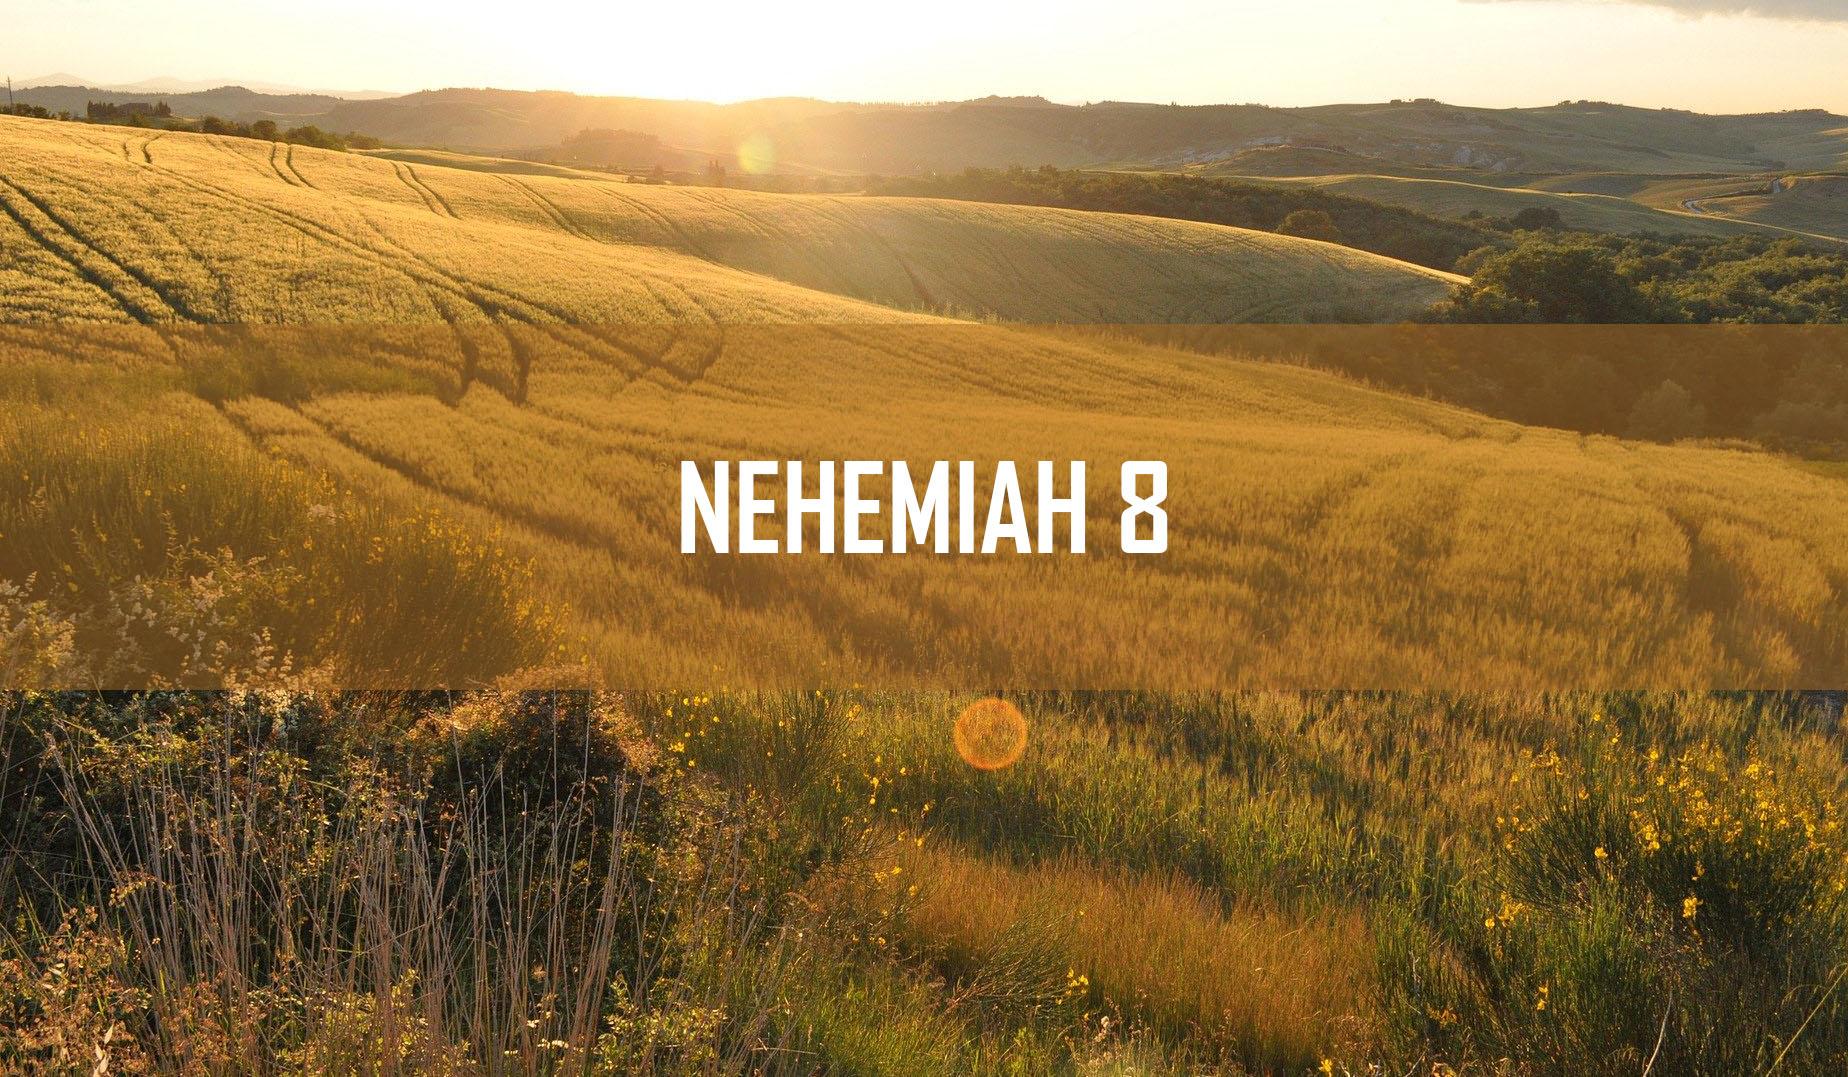 Nehemiah 8 <br/> Mathai John </br>